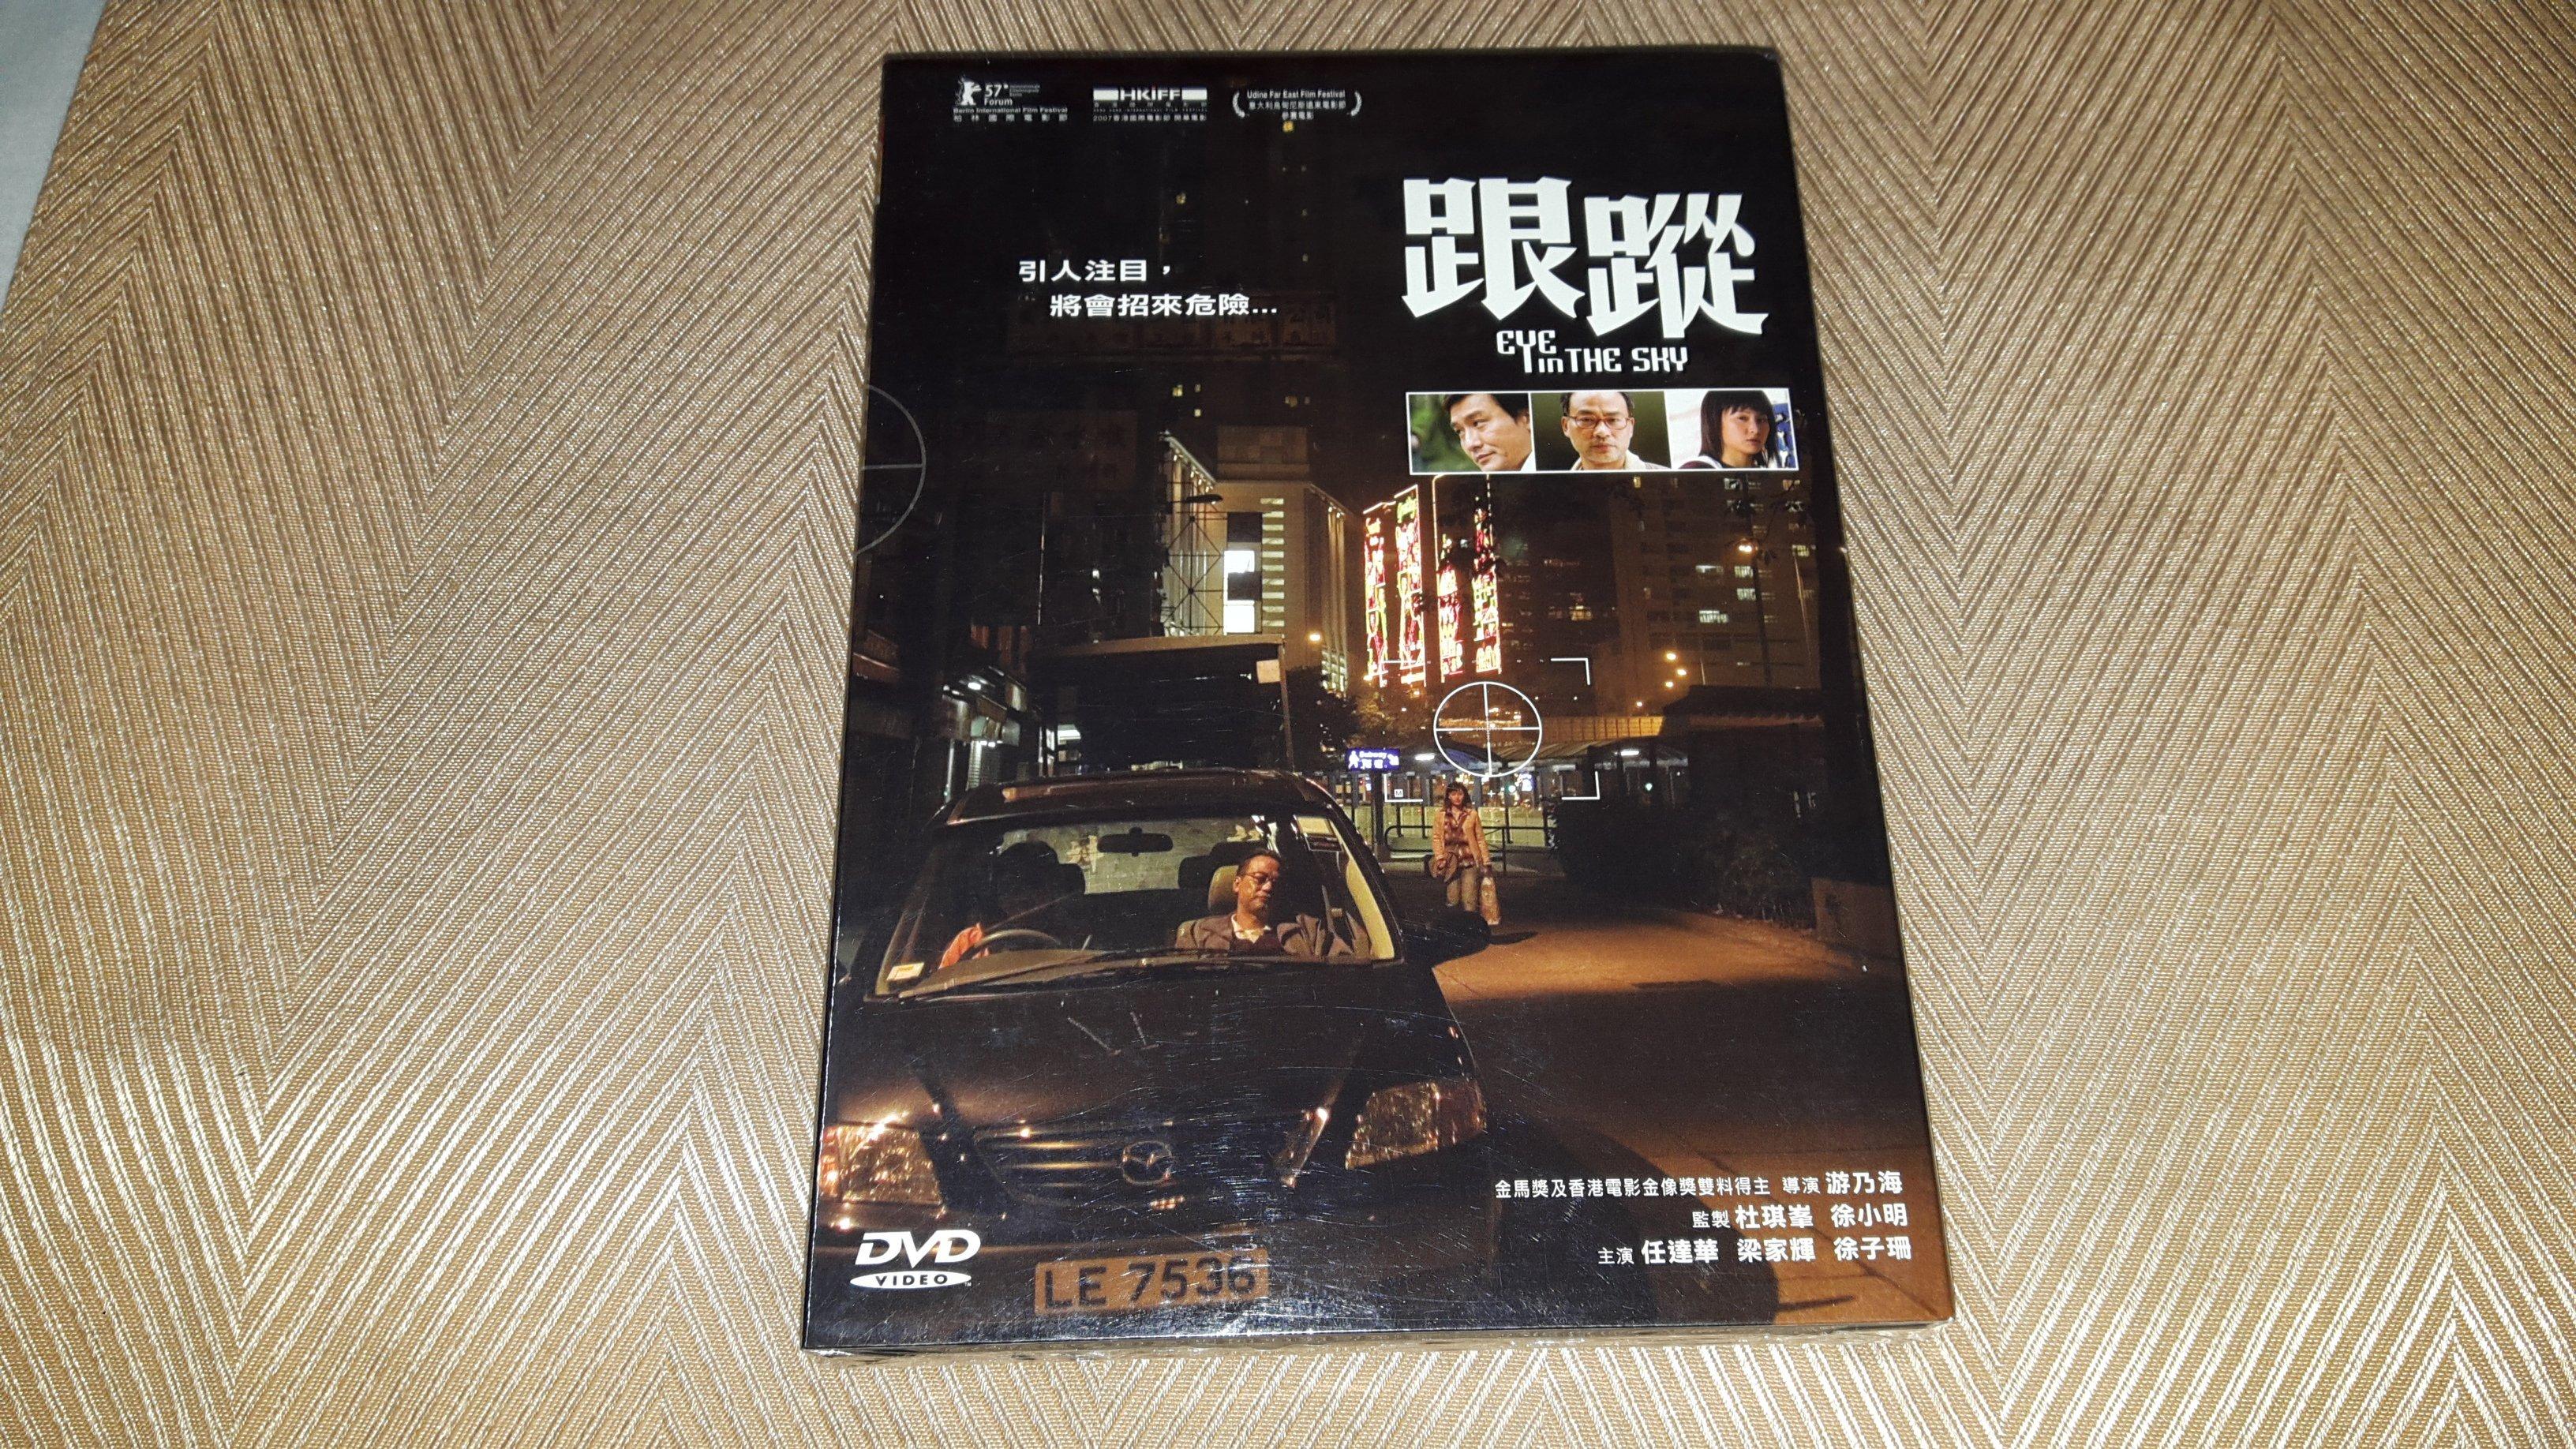 【李歐的二手洋片】幾乎全新 杜琪峯 任達華 梁家輝 跟蹤 DVD  下標就賣